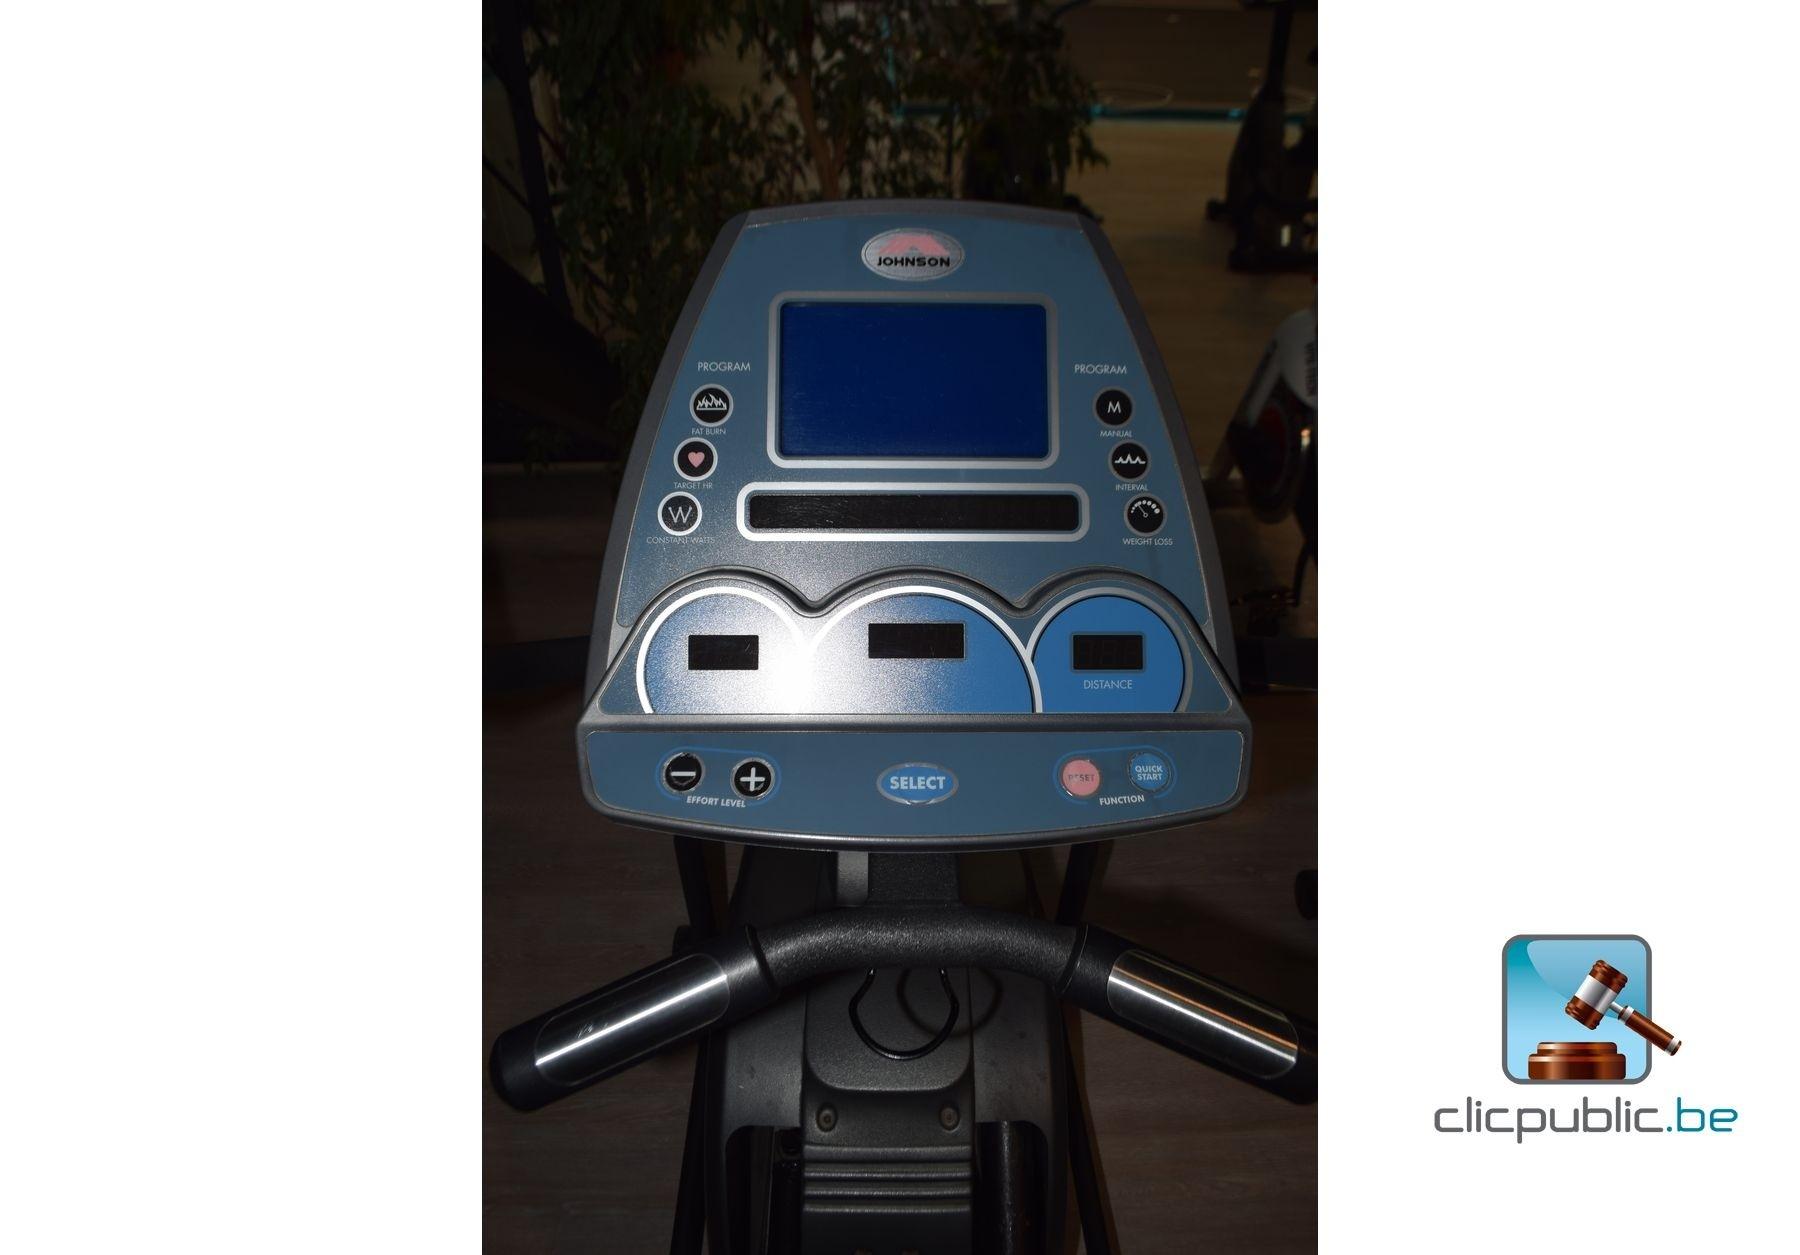 V lo elliptique jonhson e7000 ref 1 vendre sur - Destockage velo elliptique ...